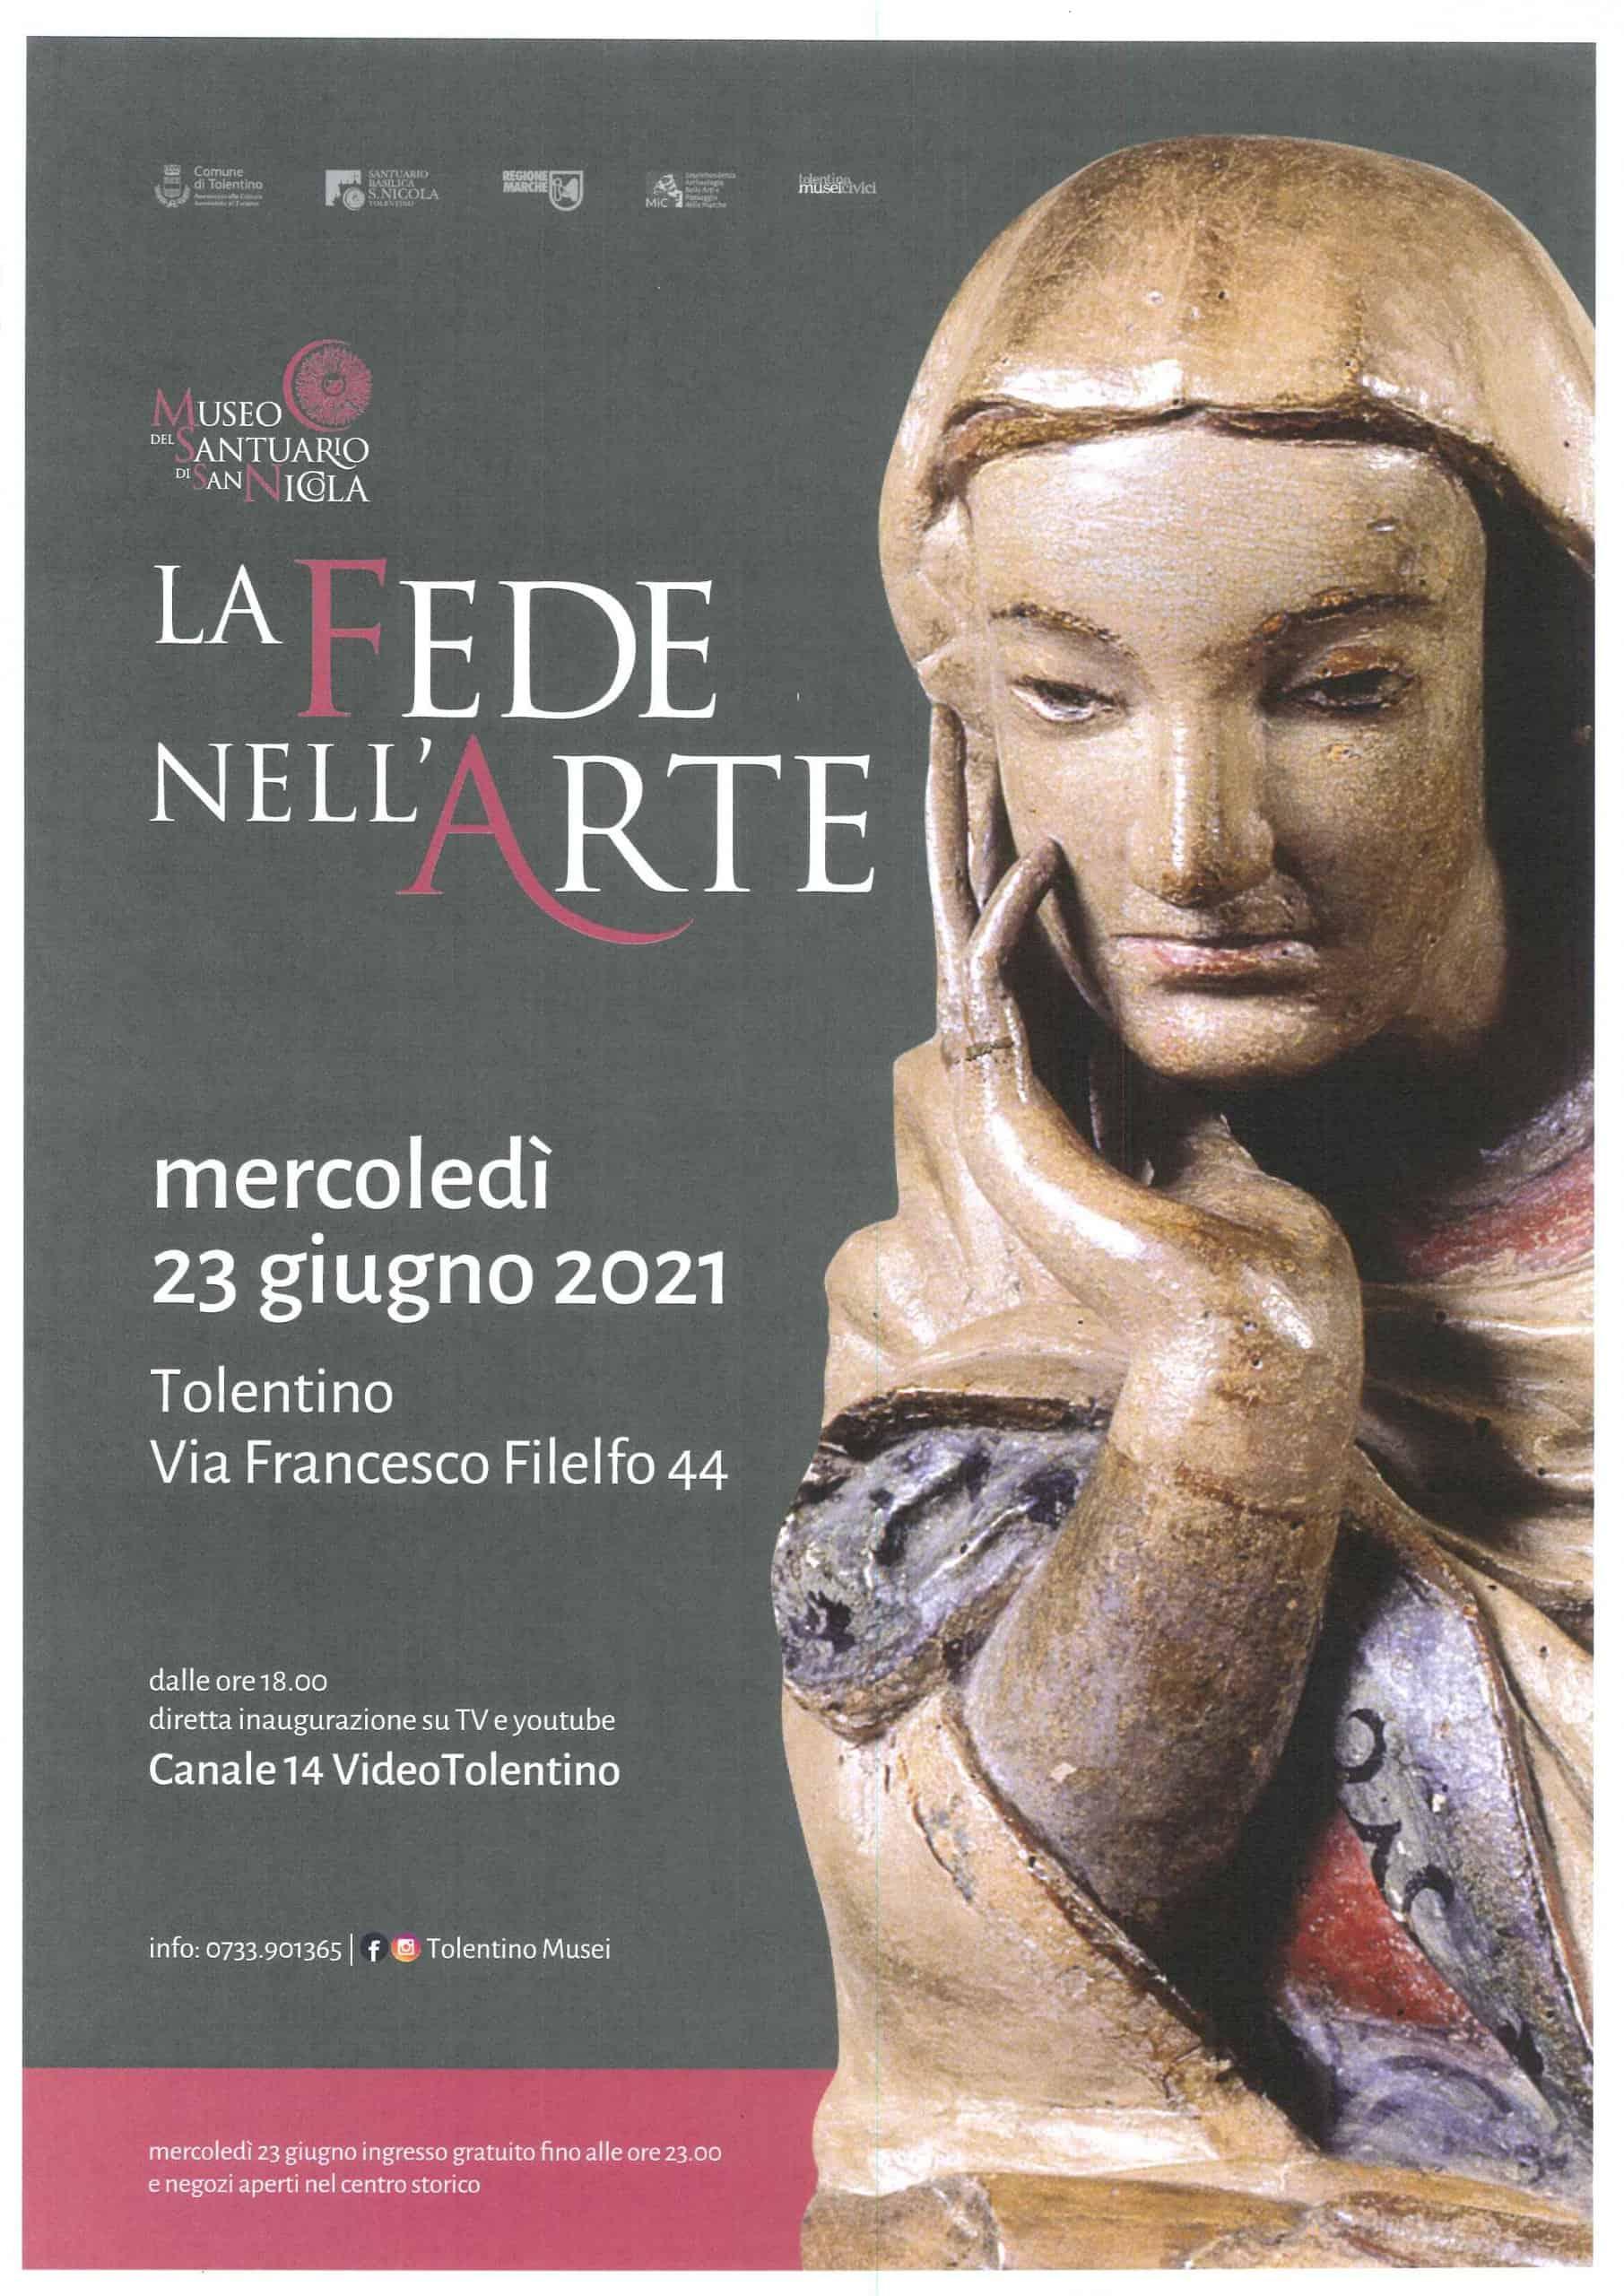 La FEDE nell'ARTE - Opere del Museo del Santuario di San Nicola